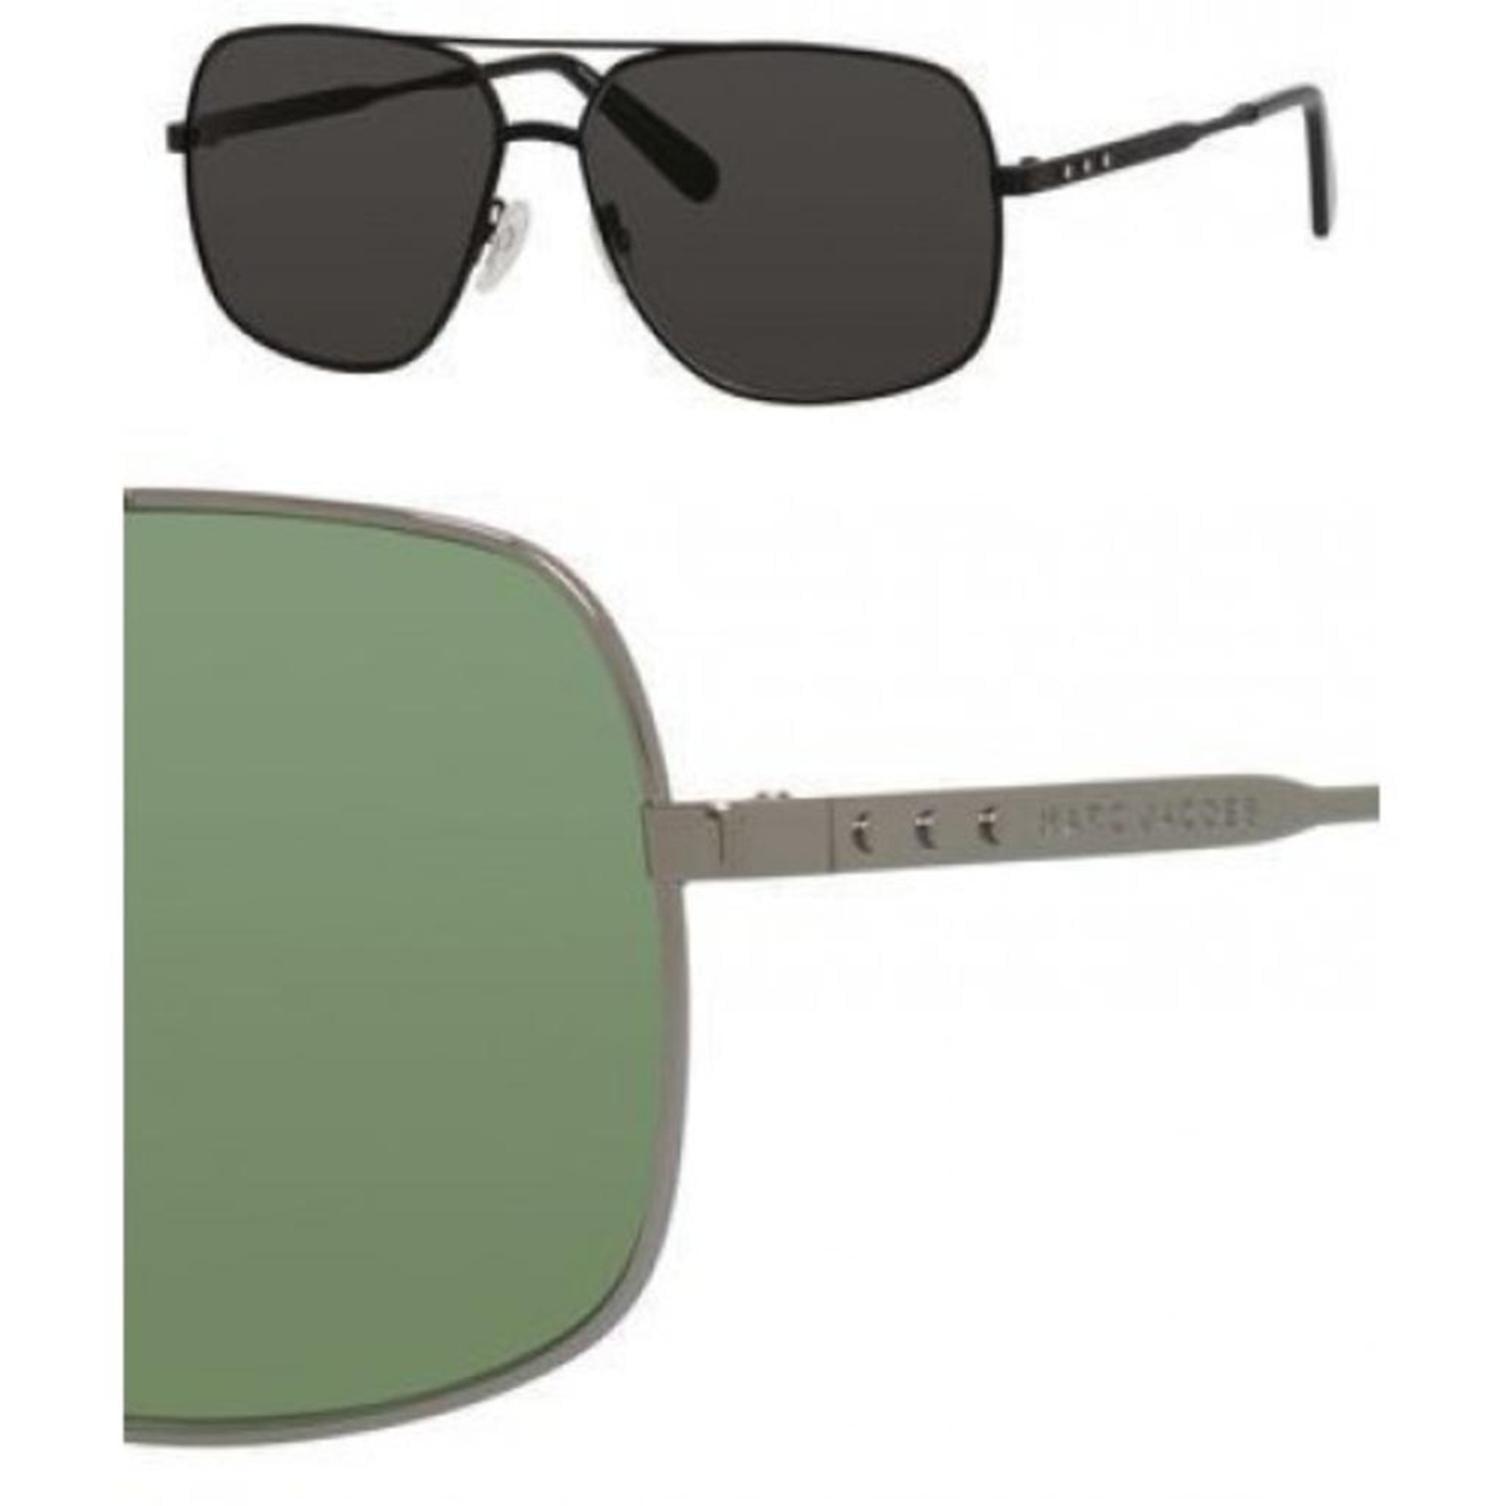 Sunglasses Marc Jacobs 594 /S 06LB Ruthenium / DJ green lens